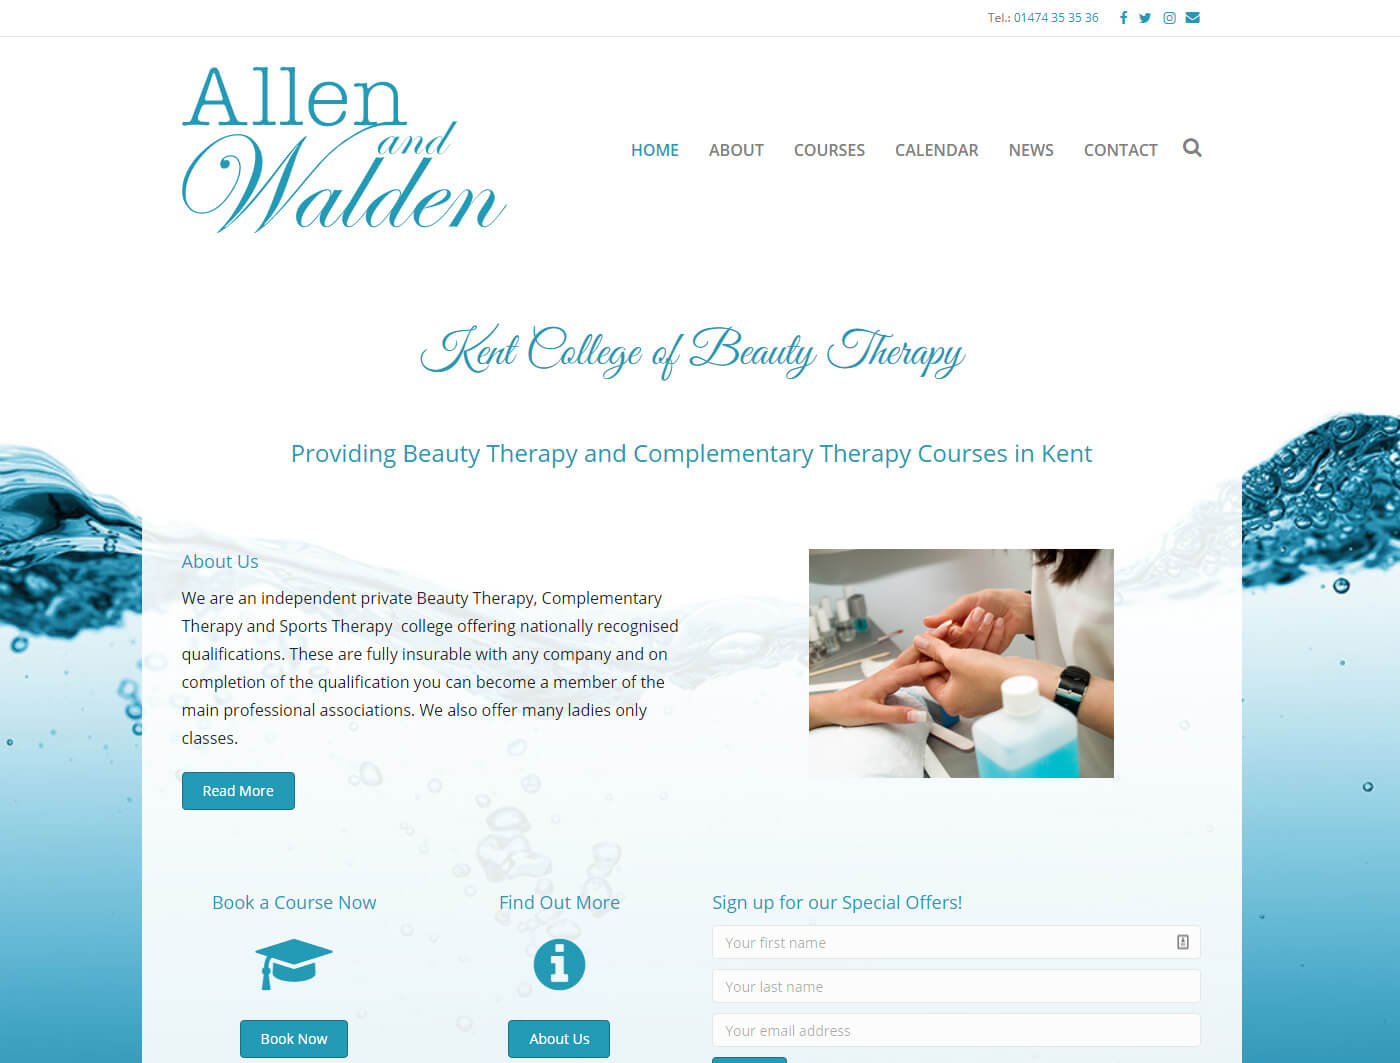 Allen & Walden